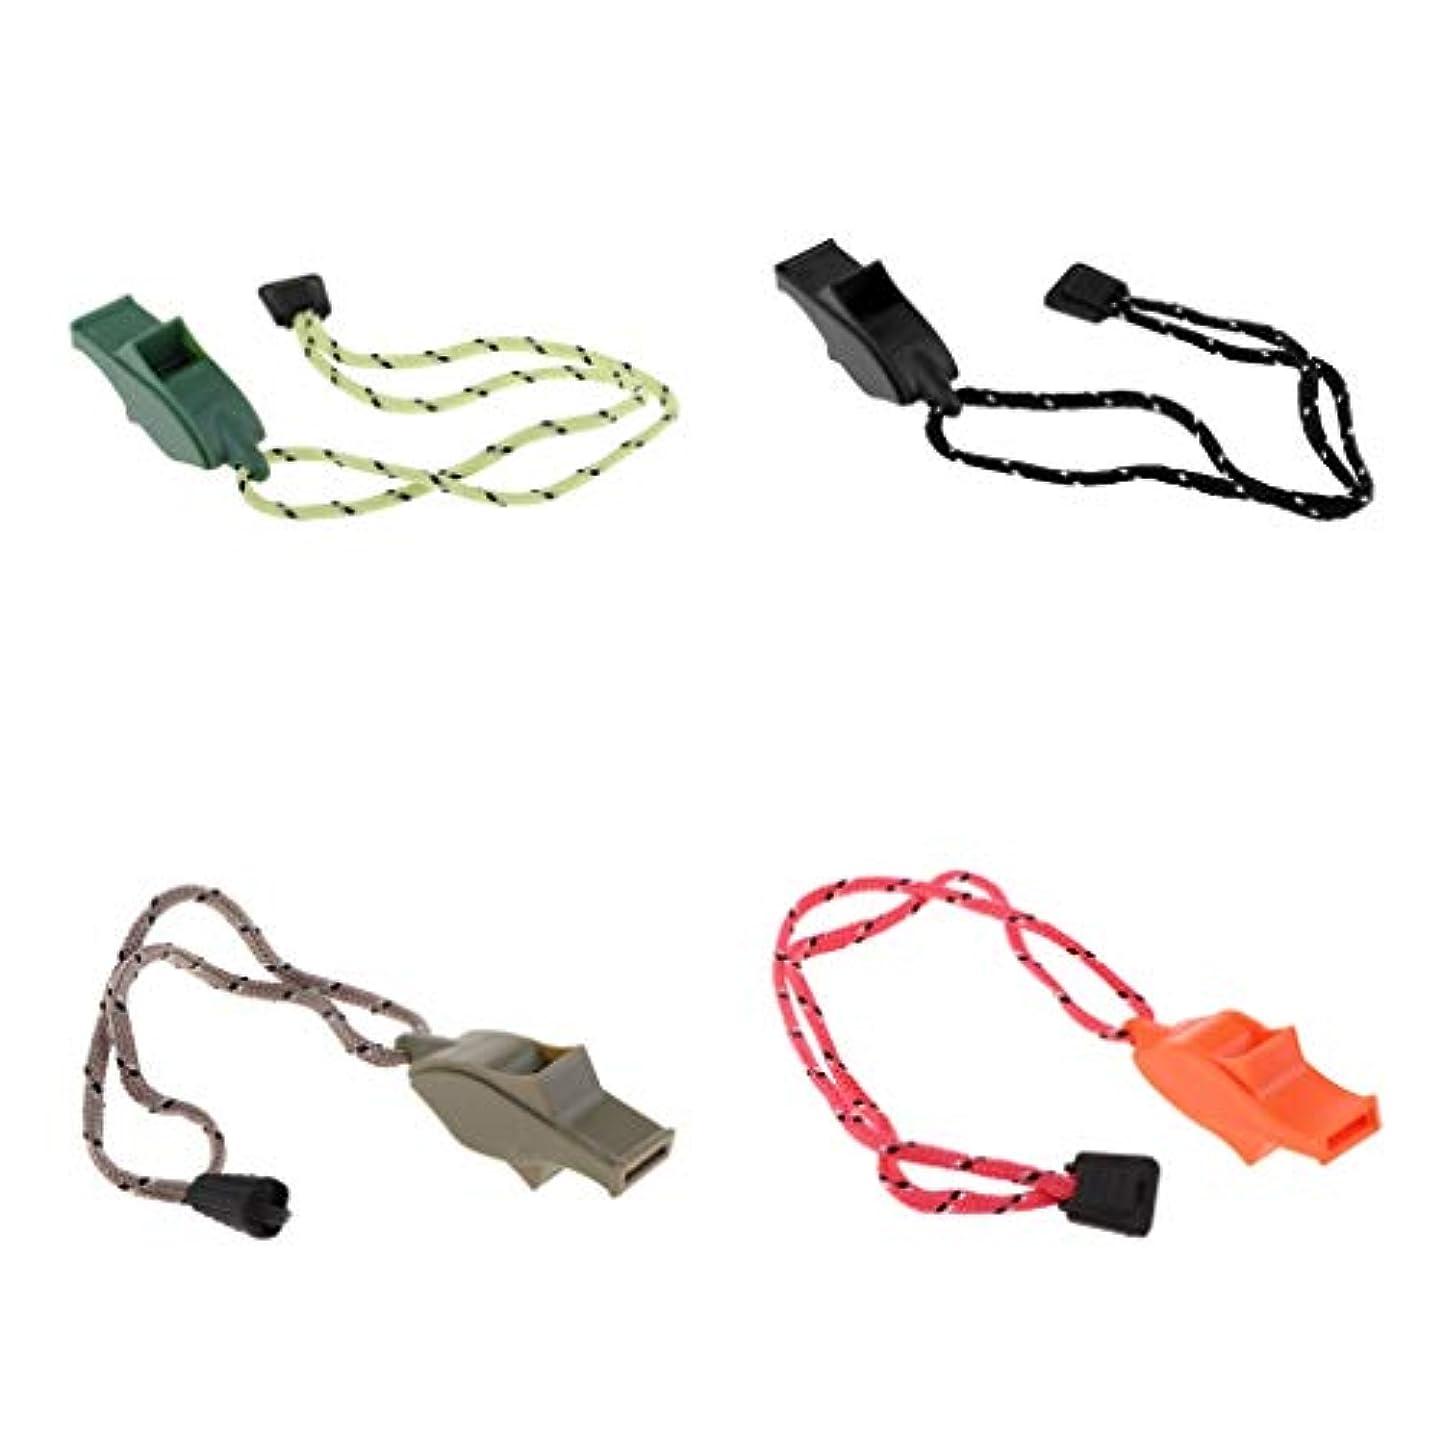 困難義務づける終わらせるSM SunniMix ハイキングキャンプ 安全ホイッスル プラスチック製 緊急ホイッスル ホイッスルボート用 4本入り